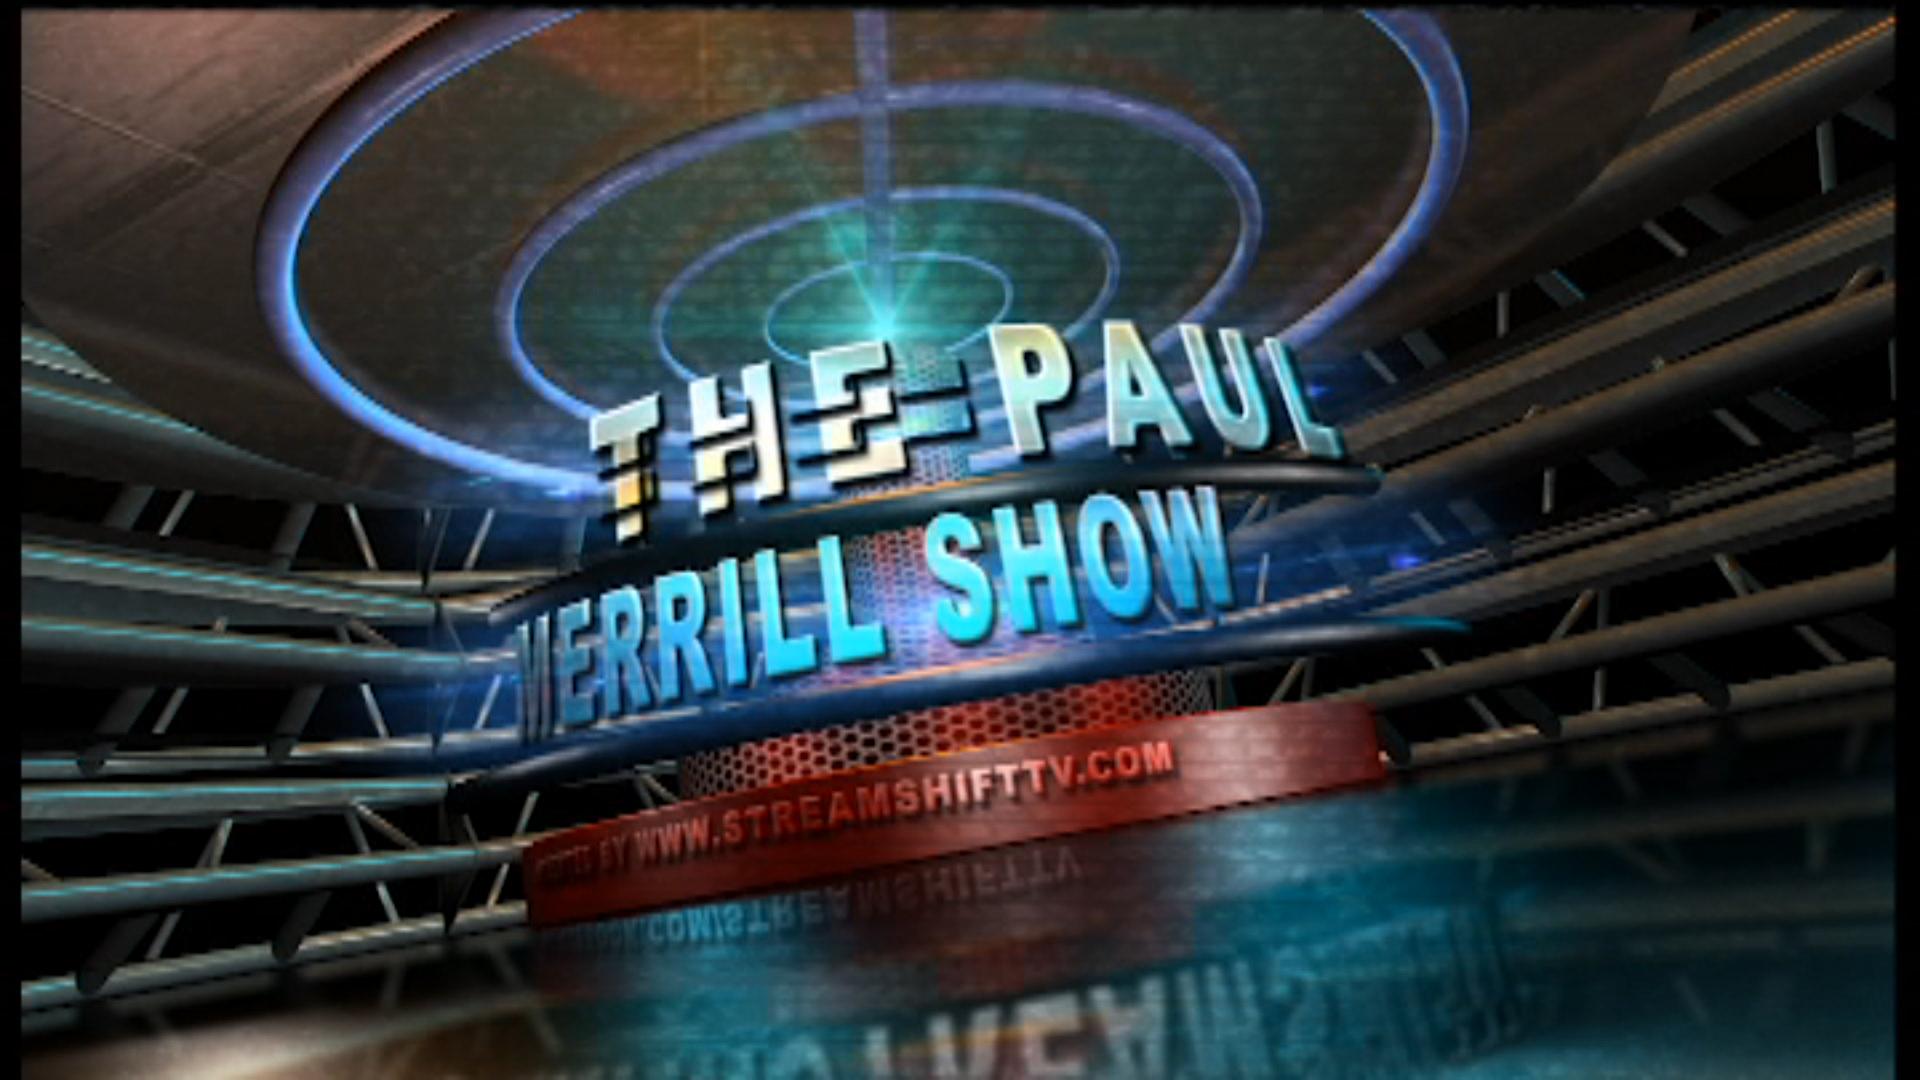 The Paul Merrill Show - June 20th, 2019